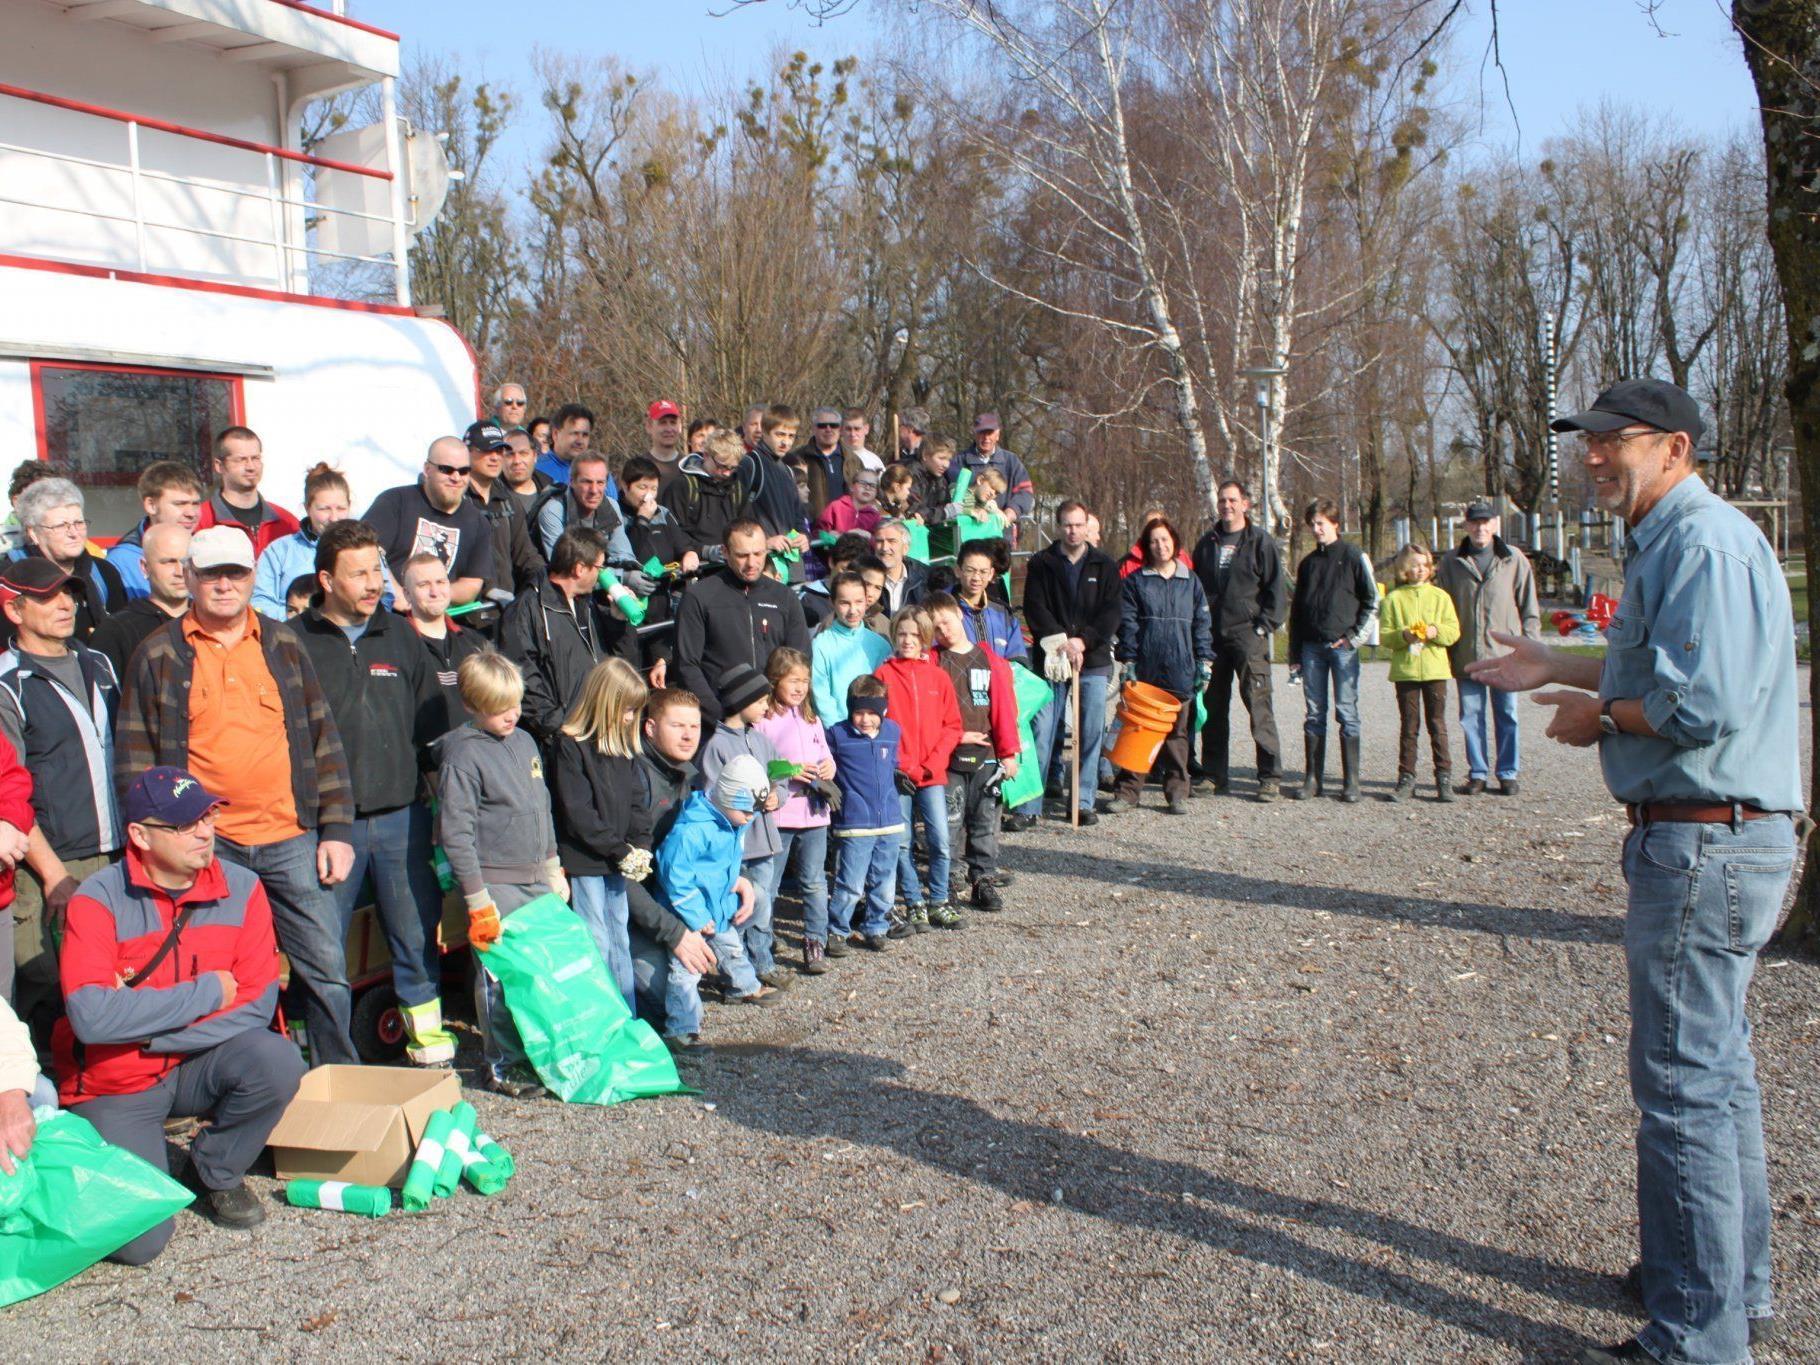 Bürgermeister Xaver Sinz freute sich über so viele freiwillige Helferinnen und Helfer.